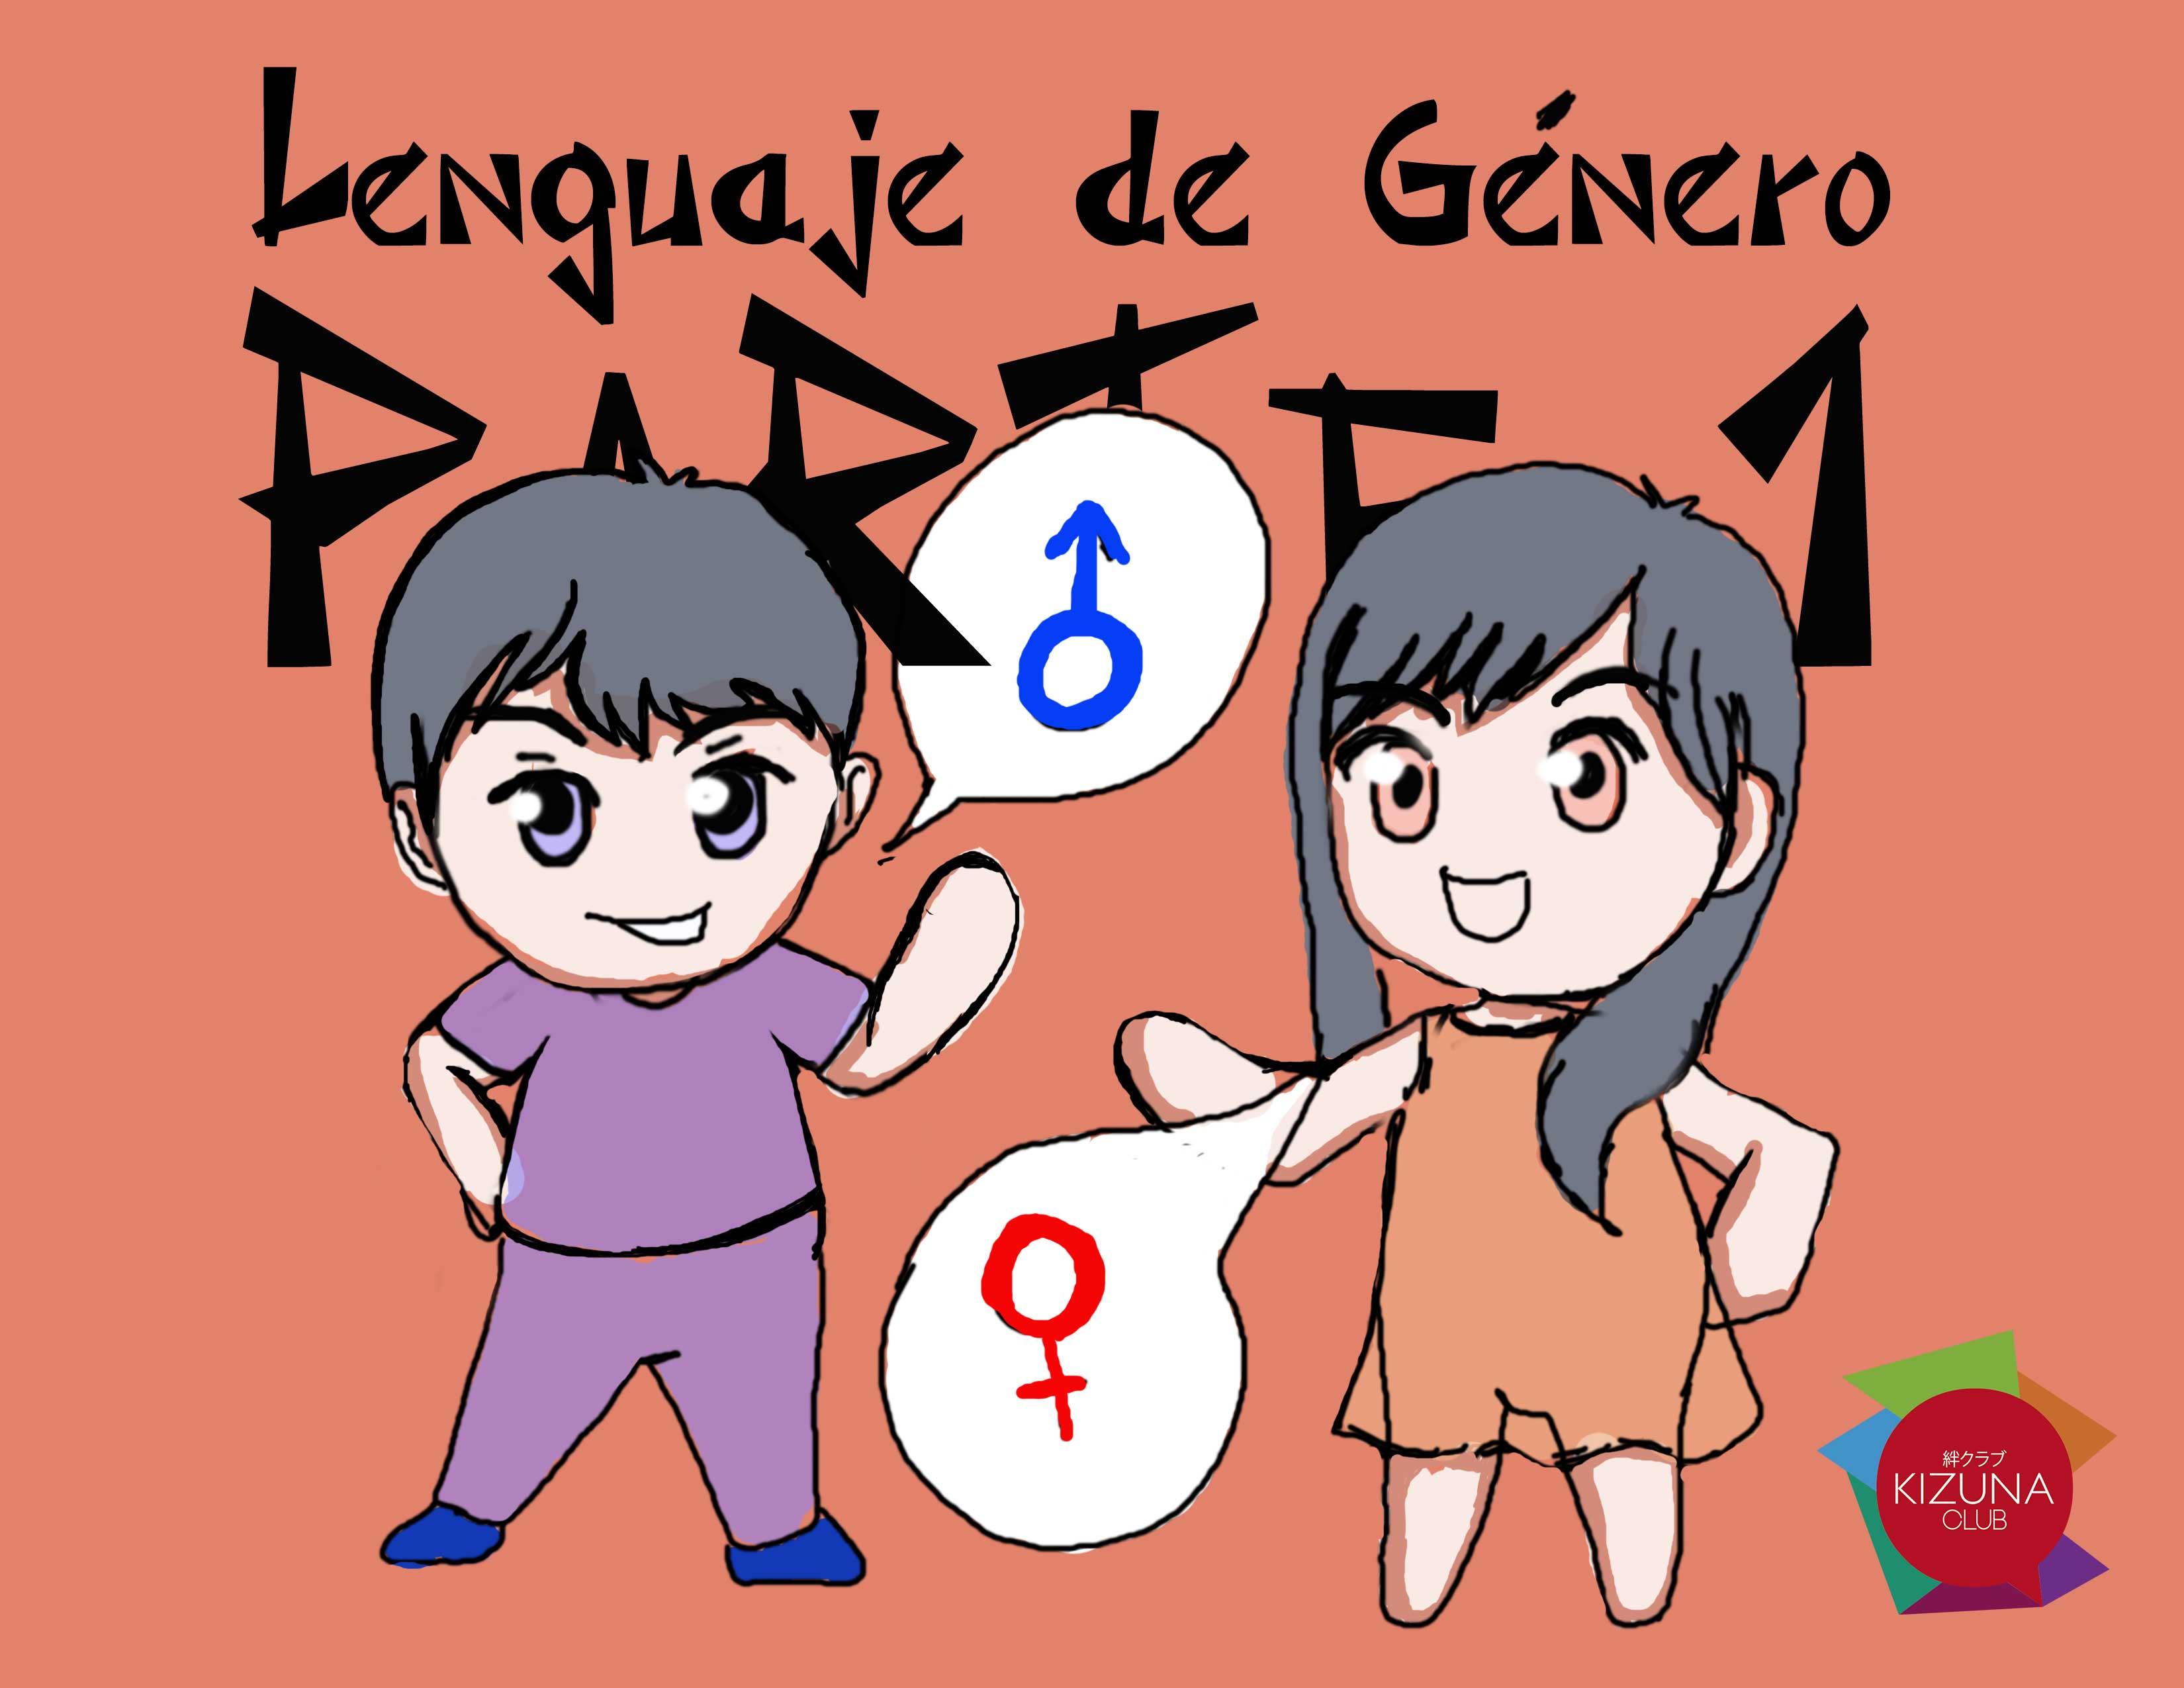 Lenguaje de género japonés (Parte 1)